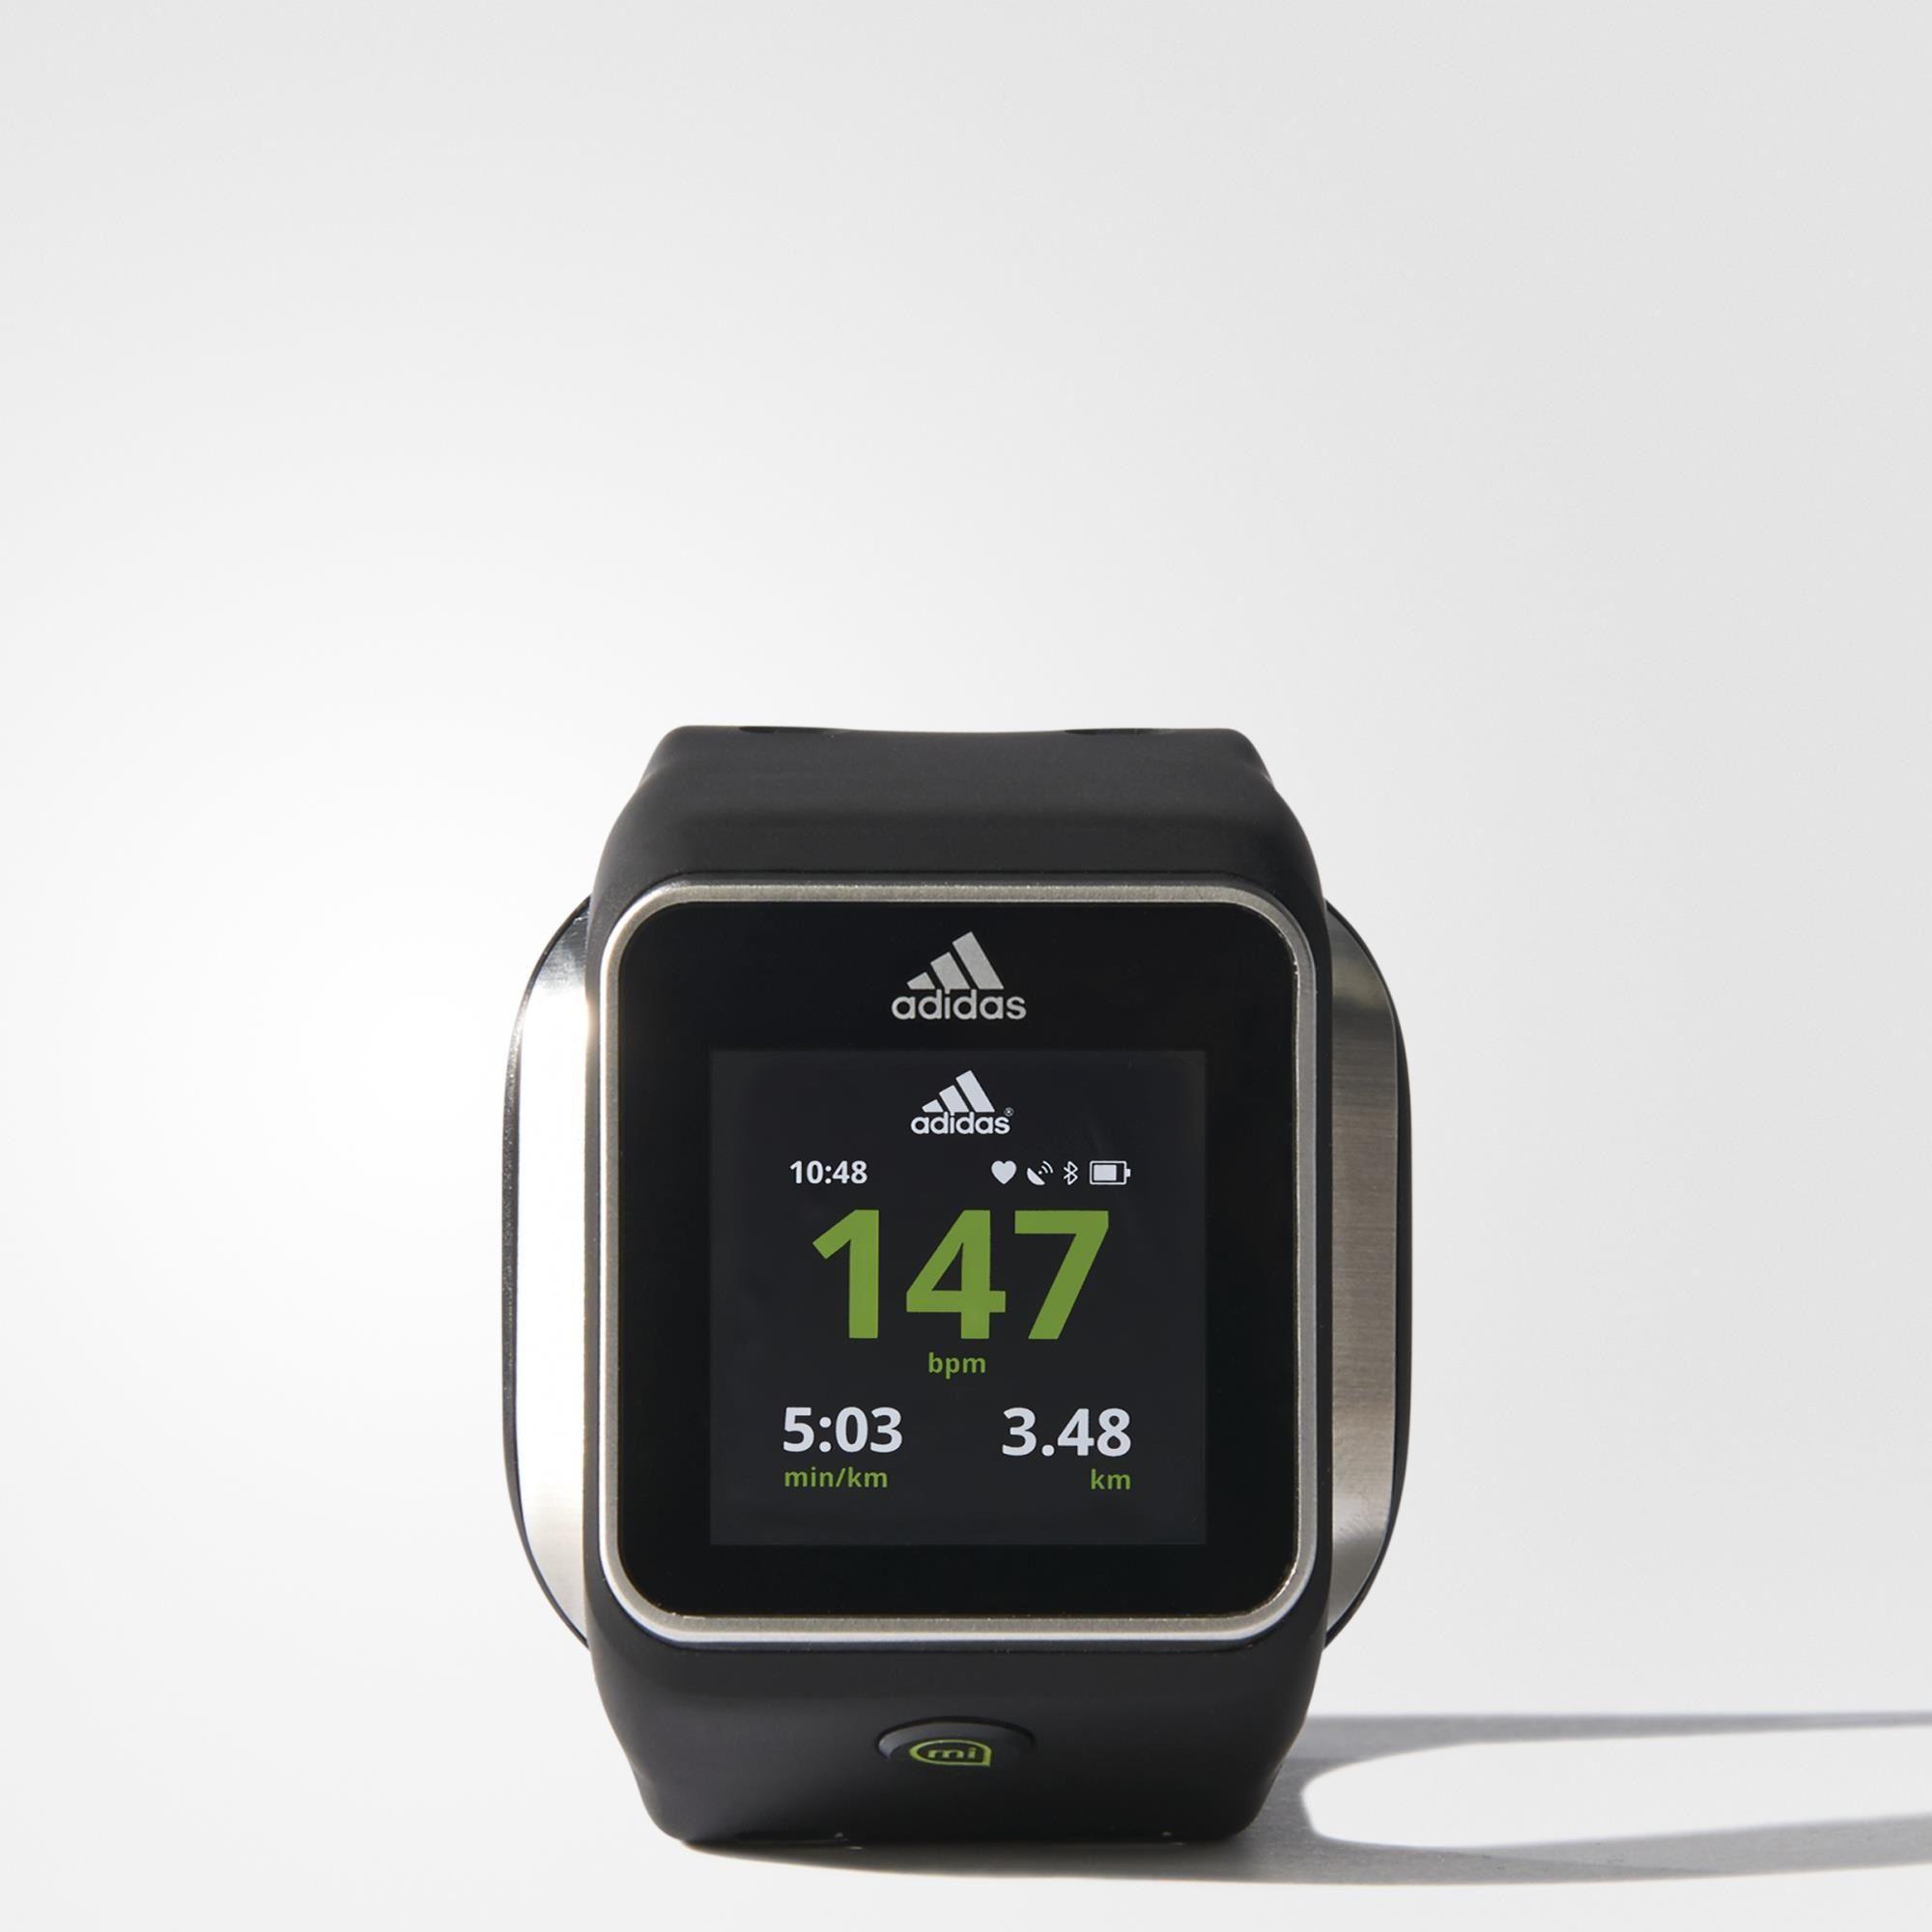 daefd05034d Relogio miCoach Smart Run - Preto adidas